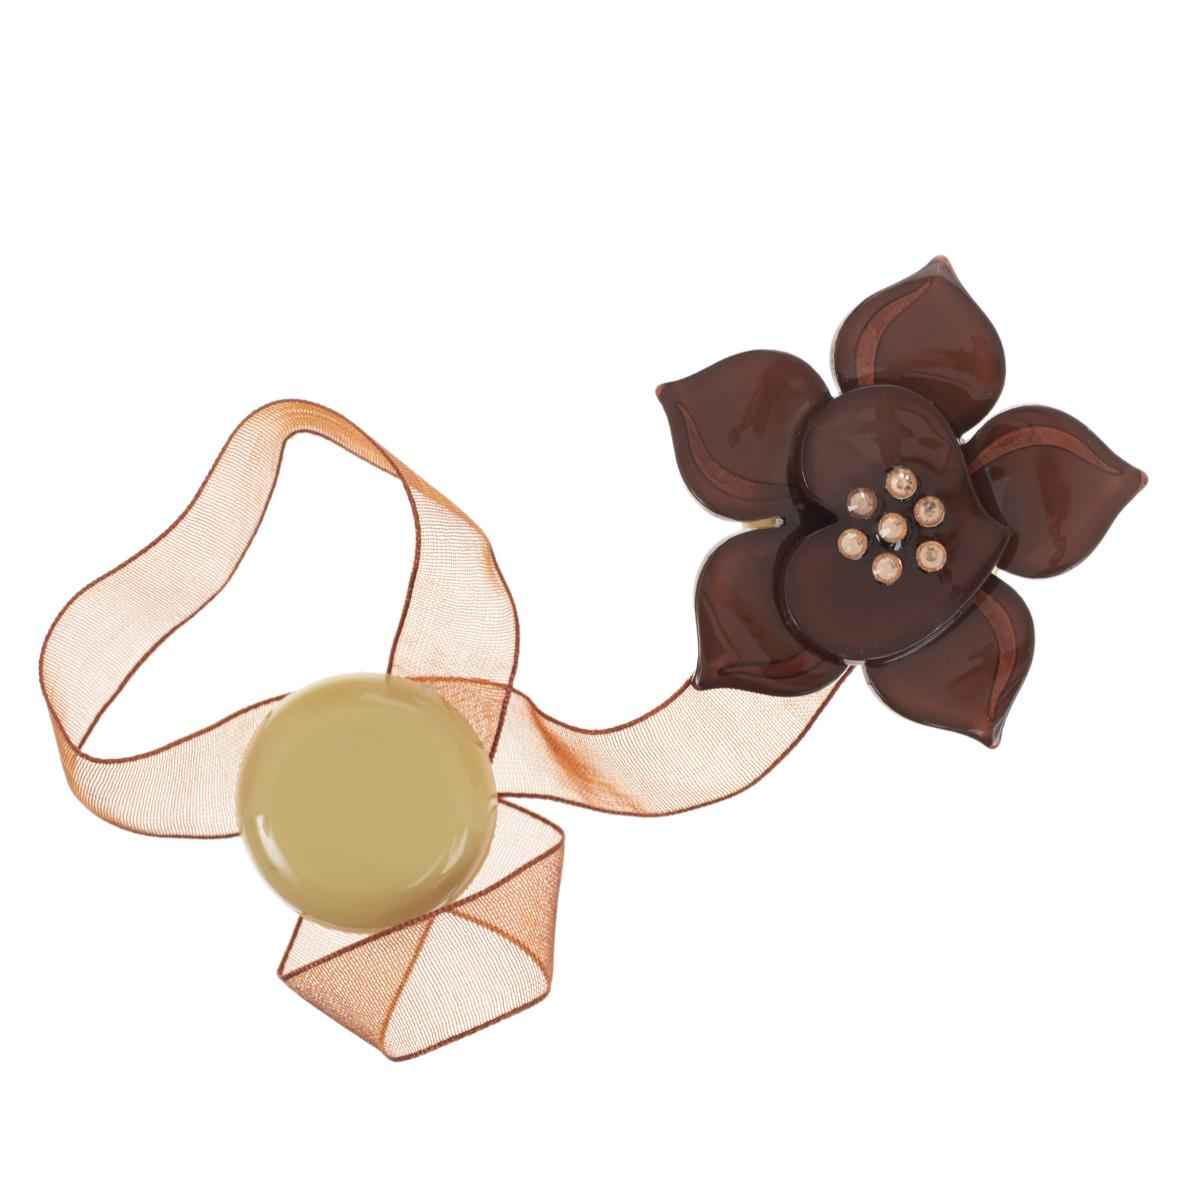 Клипса-магнит для штор Calamita Fiore, цвет: оливковый (А700). 7704006_700ES-412Клипса-магнит Calamita Fiore, изготовленная из пластика и текстиля, предназначена для придания формы шторам. Изделие представляет собой два магнита, расположенные на разных концах текстильной ленты. Один из магнитов оформлен декоративным цветком, украшенным стразами. С помощью такой магнитной клипсы можно зафиксировать портьеры, придать им требуемое положение, сделать складки симметричными или приблизить портьеры, скрепить их. Клипсы для штор являются универсальным изделием, которое превосходно подойдет как для штор в детской комнате, так и для штор в гостиной. Следует отметить, что клипсы для штор выполняют не только практическую функцию, но также являются одной из основных деталей декора этого изделия, которая придает шторам восхитительный, стильный внешний вид. Диаметр декоративного цветка: 5 см.Диаметр магнита: 2,5 см.Длина ленты: 27 см.